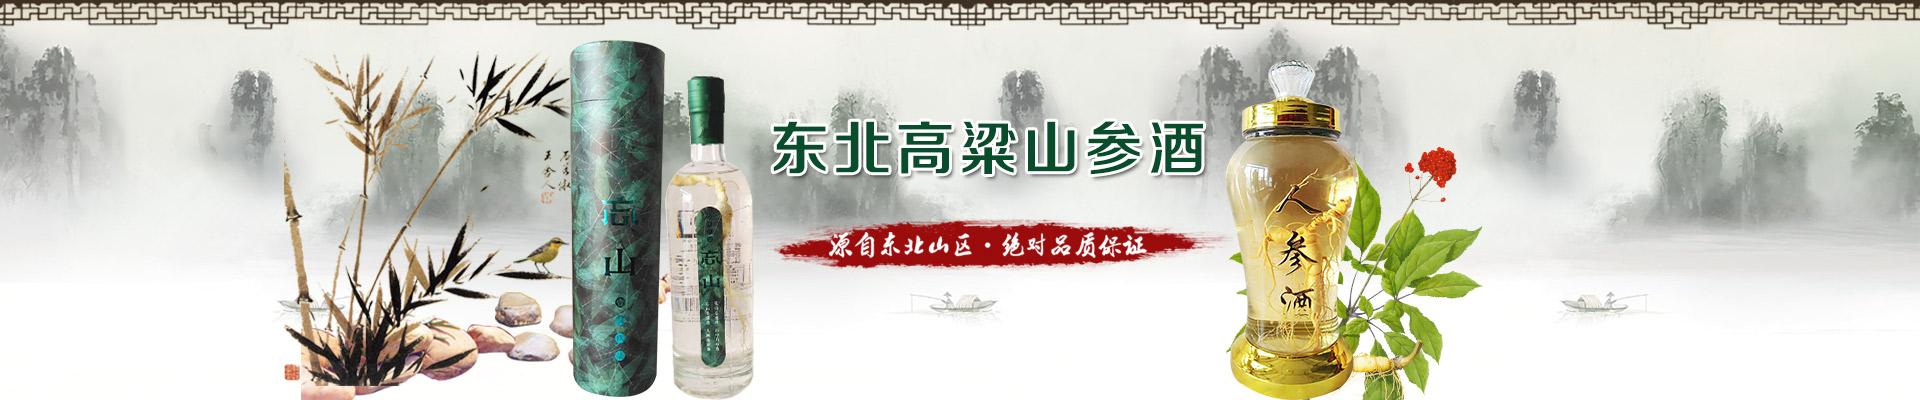 宽甸满族自治县山农参酒有限公司